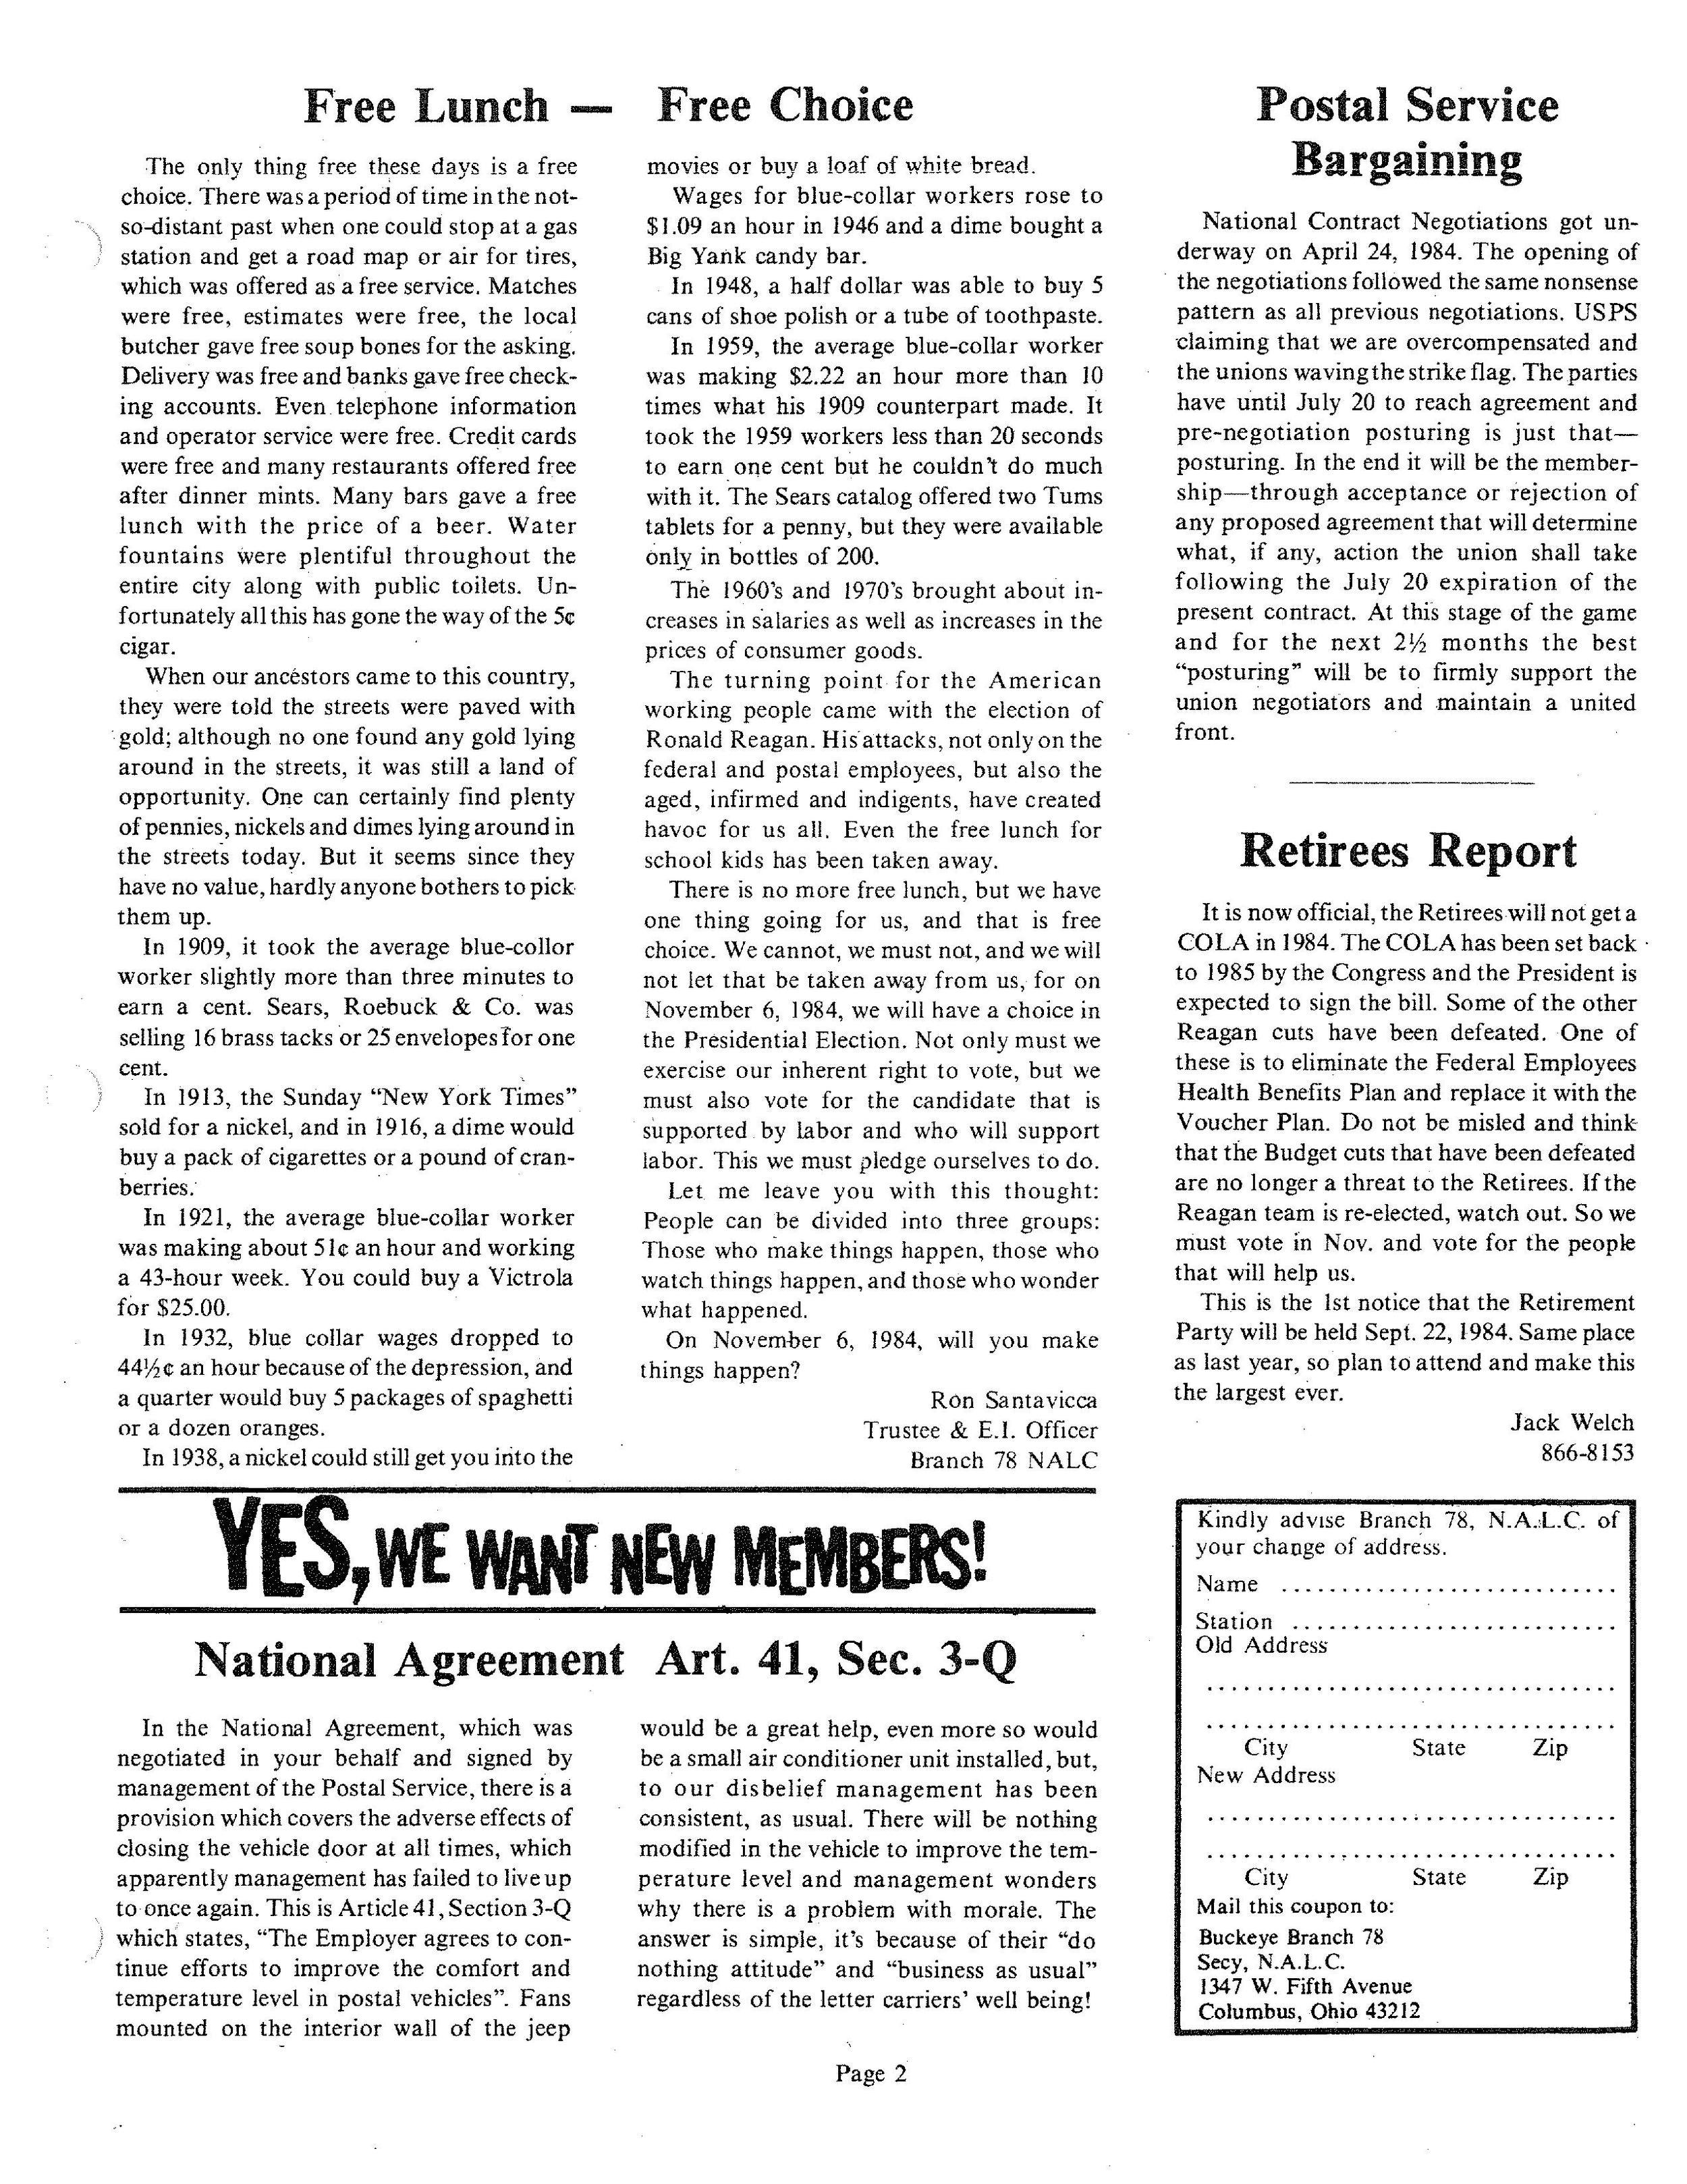 branch 78 history page-0056.jpg